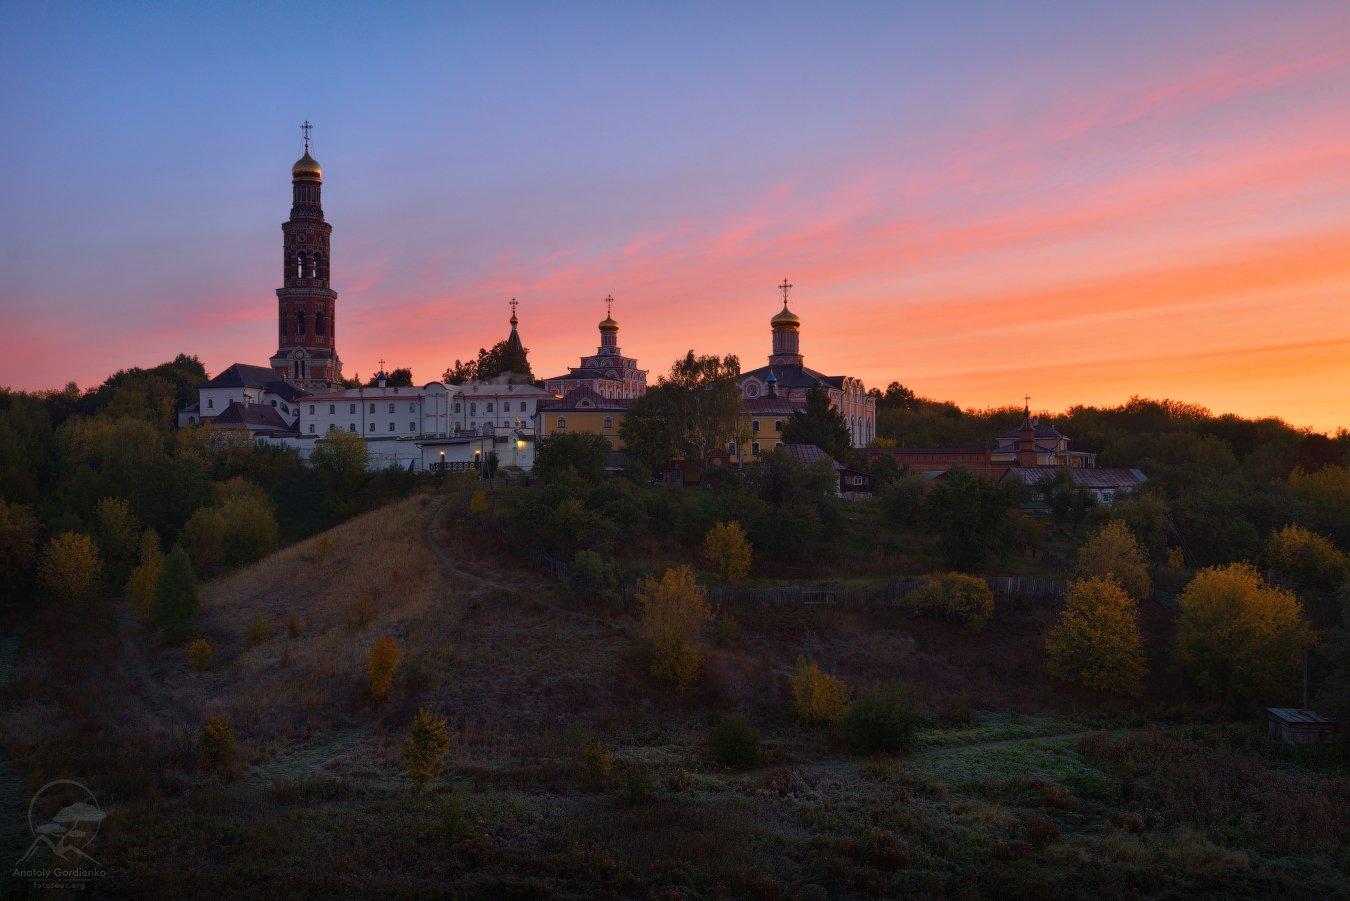 пейзаж, природа, монастырь, пощупово, Анатолий Гордиенко www.fototour.org